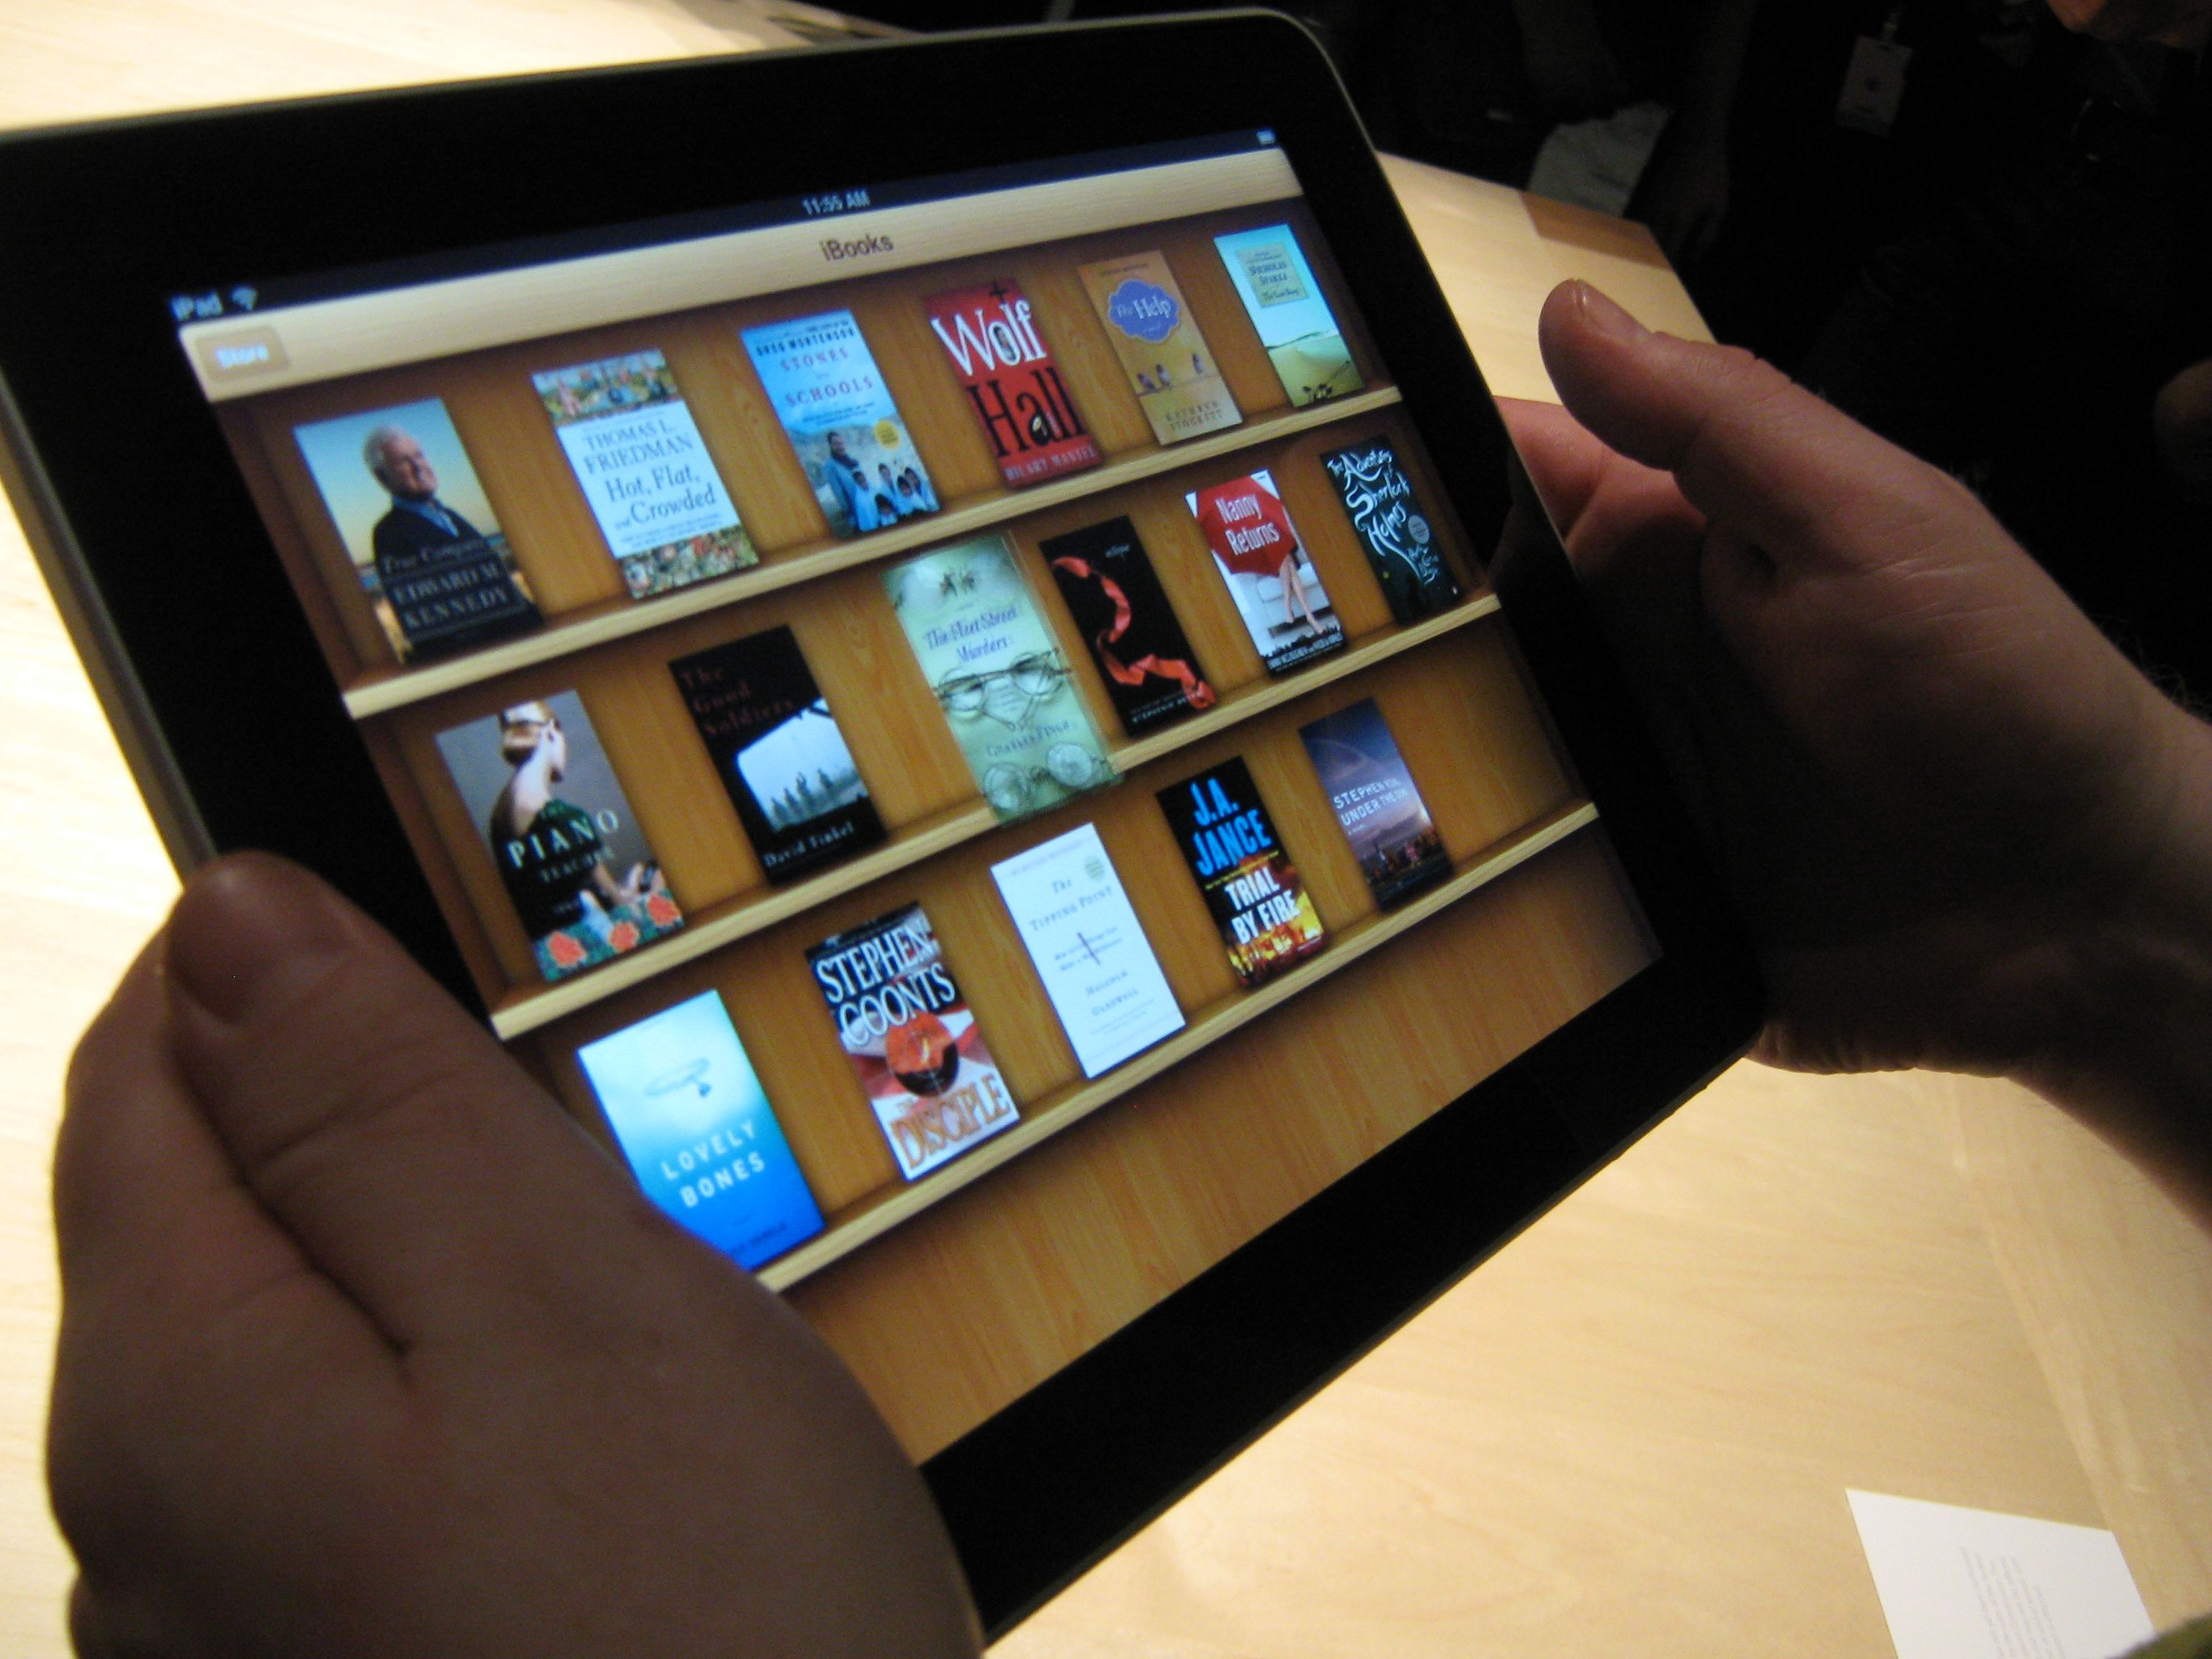 iBooks Bookshelf on iPad